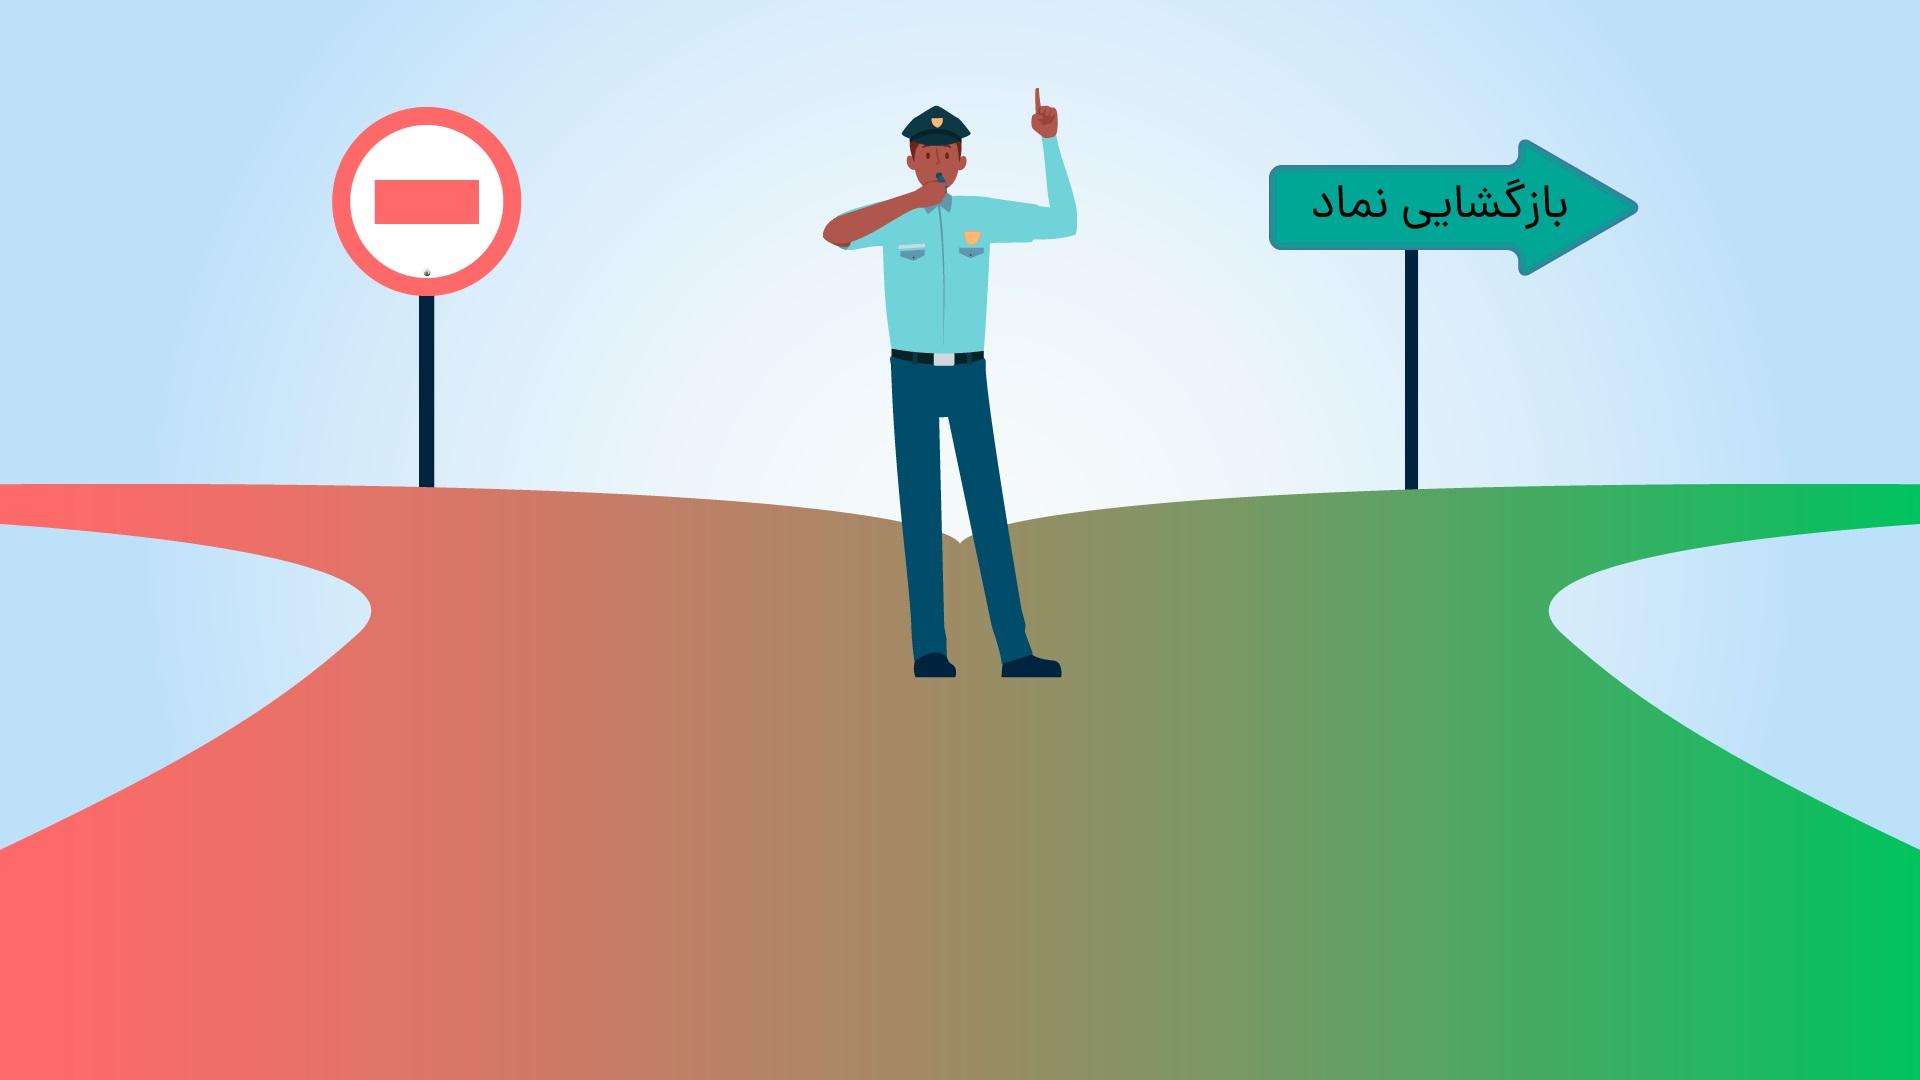 قوانین توقف و بازگشایی نماد